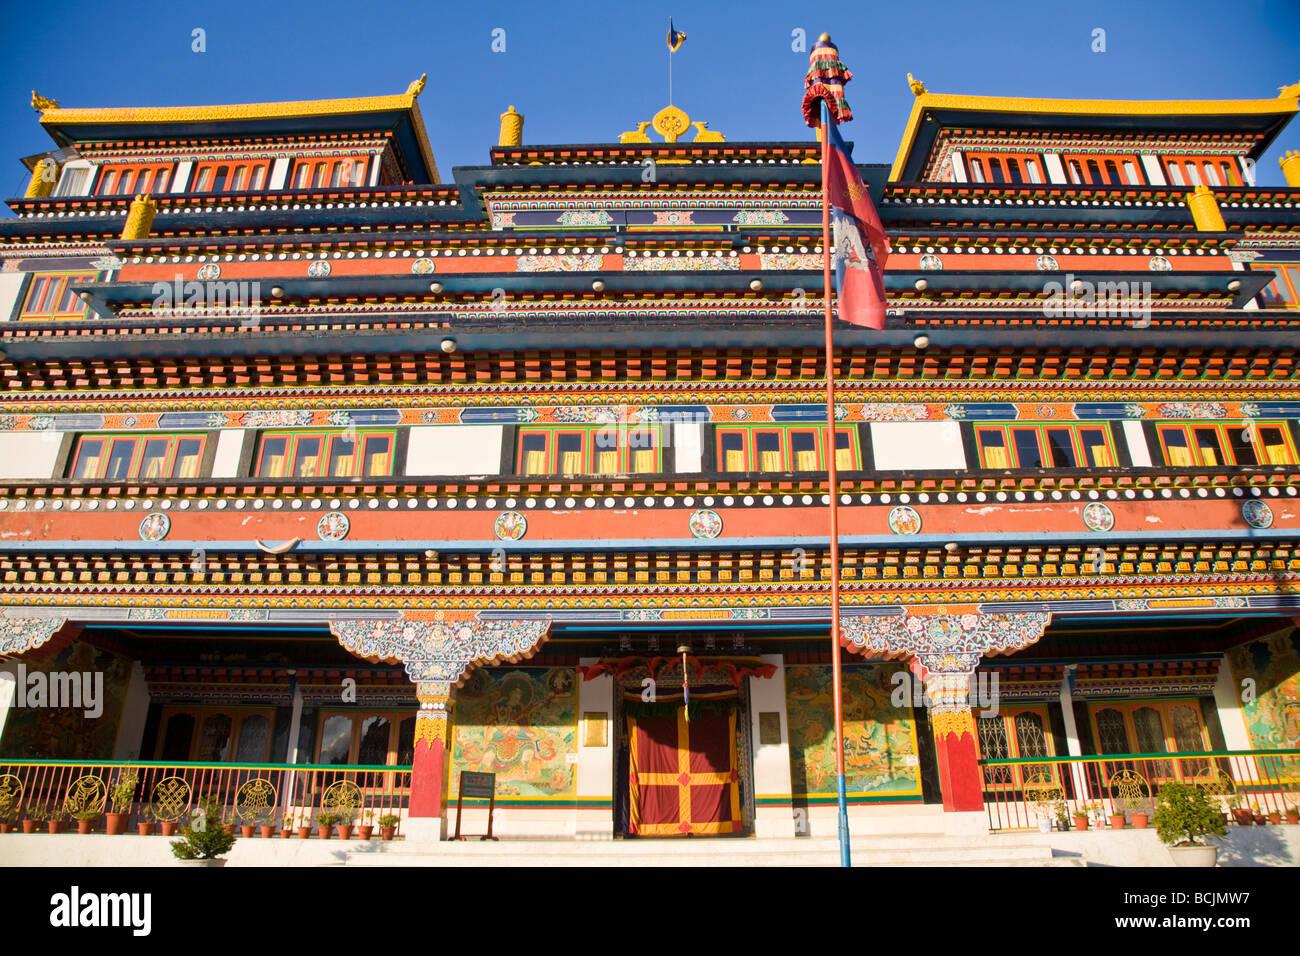 India West Bengal Darjeeling Druk Sangag Choeling Monastery Known